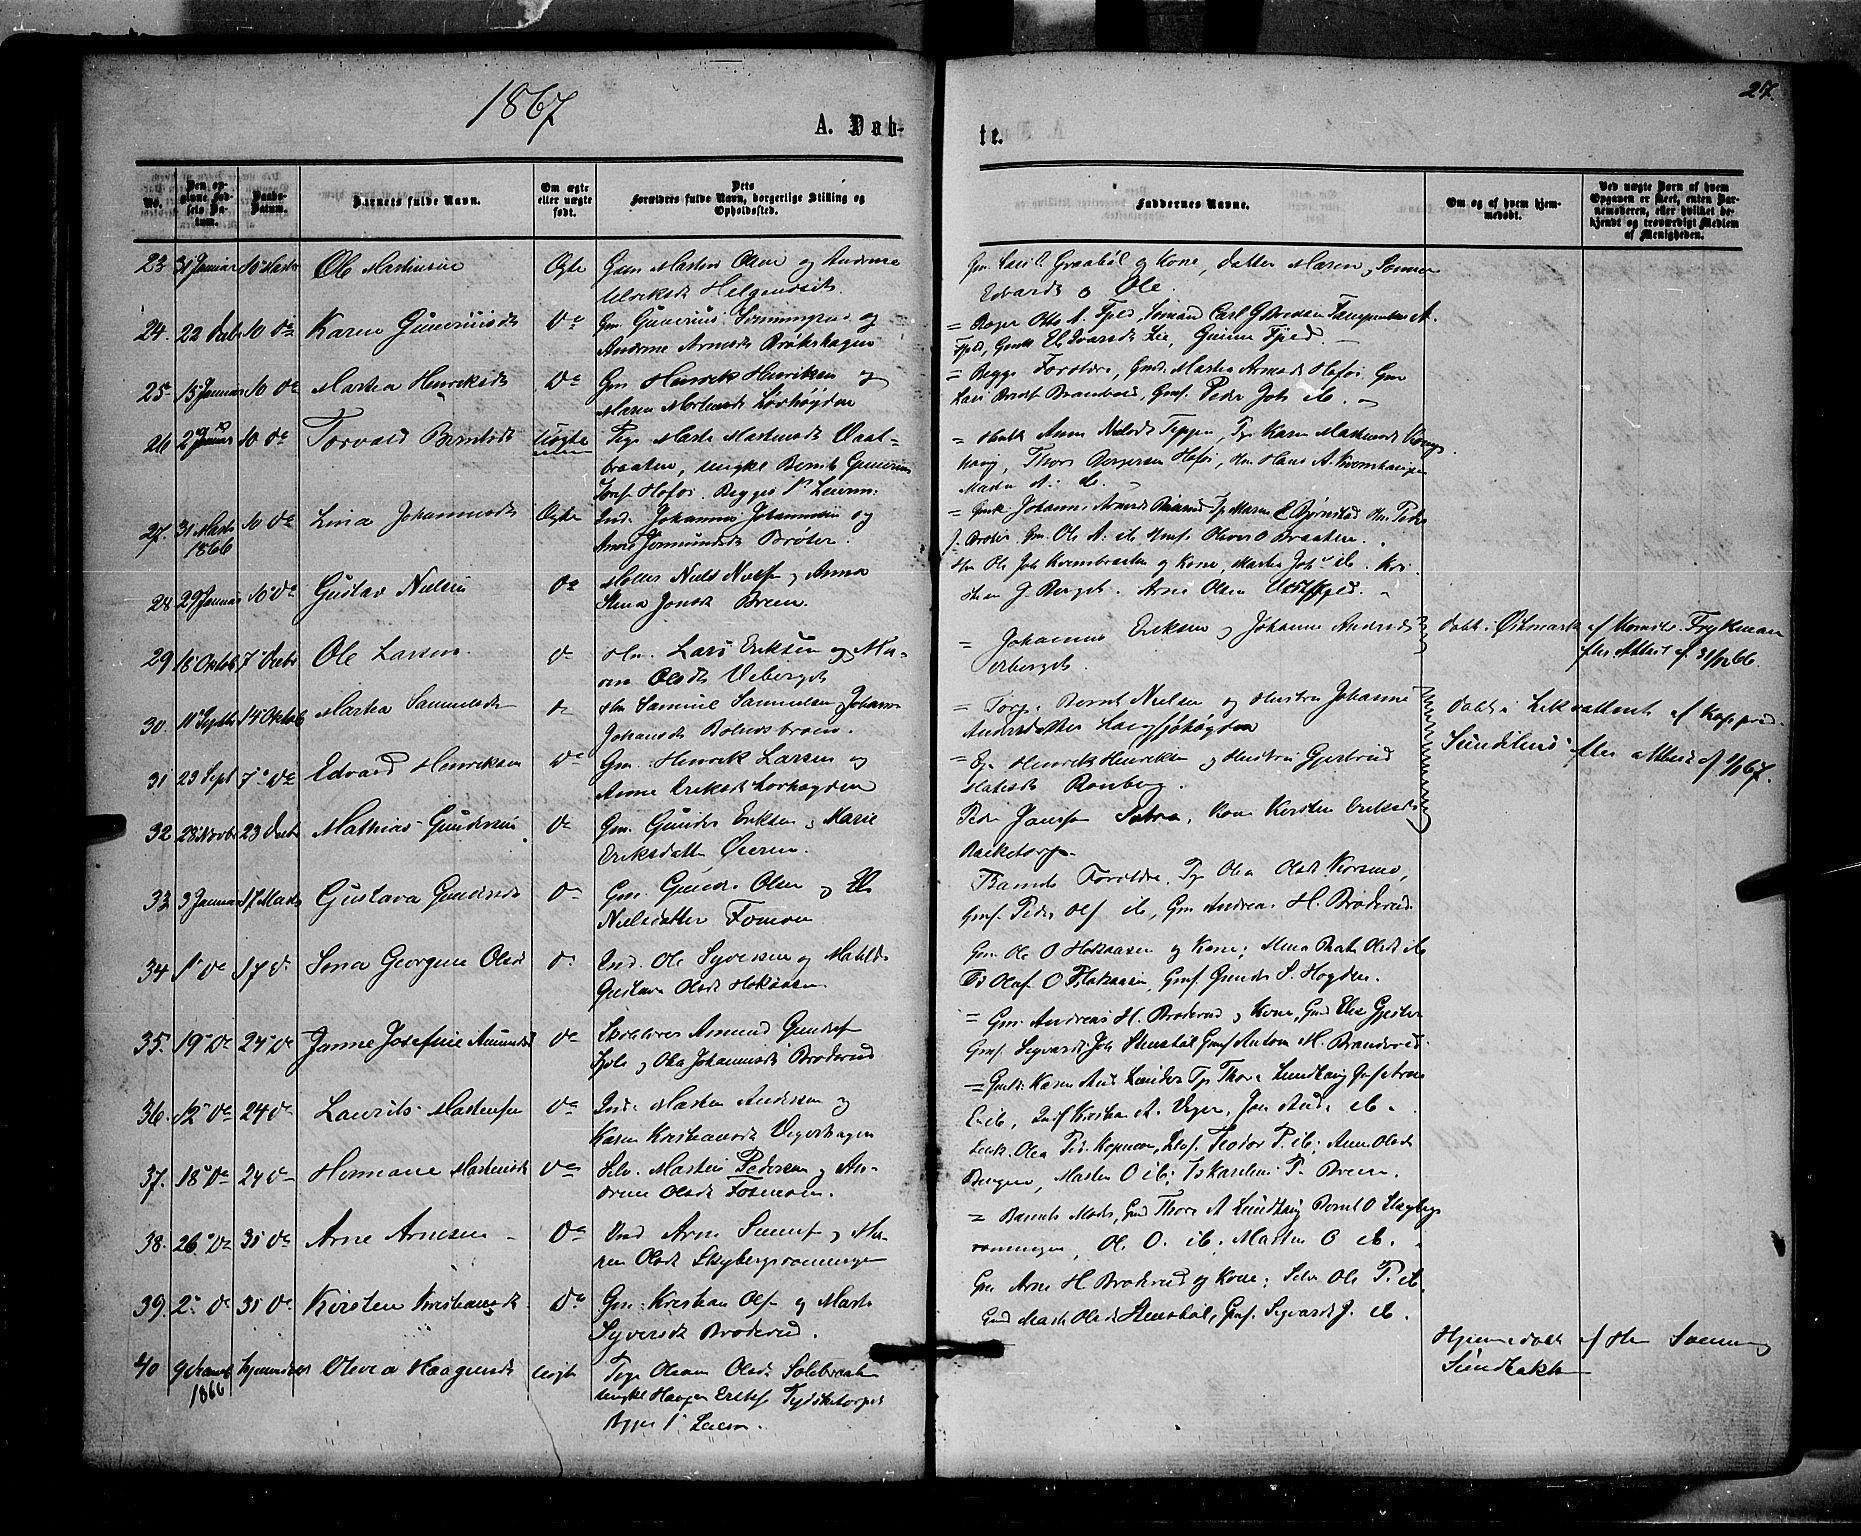 SAH, Brandval prestekontor, H/Ha/Haa/L0001: Parish register (official) no. 1, 1864-1879, p. 27